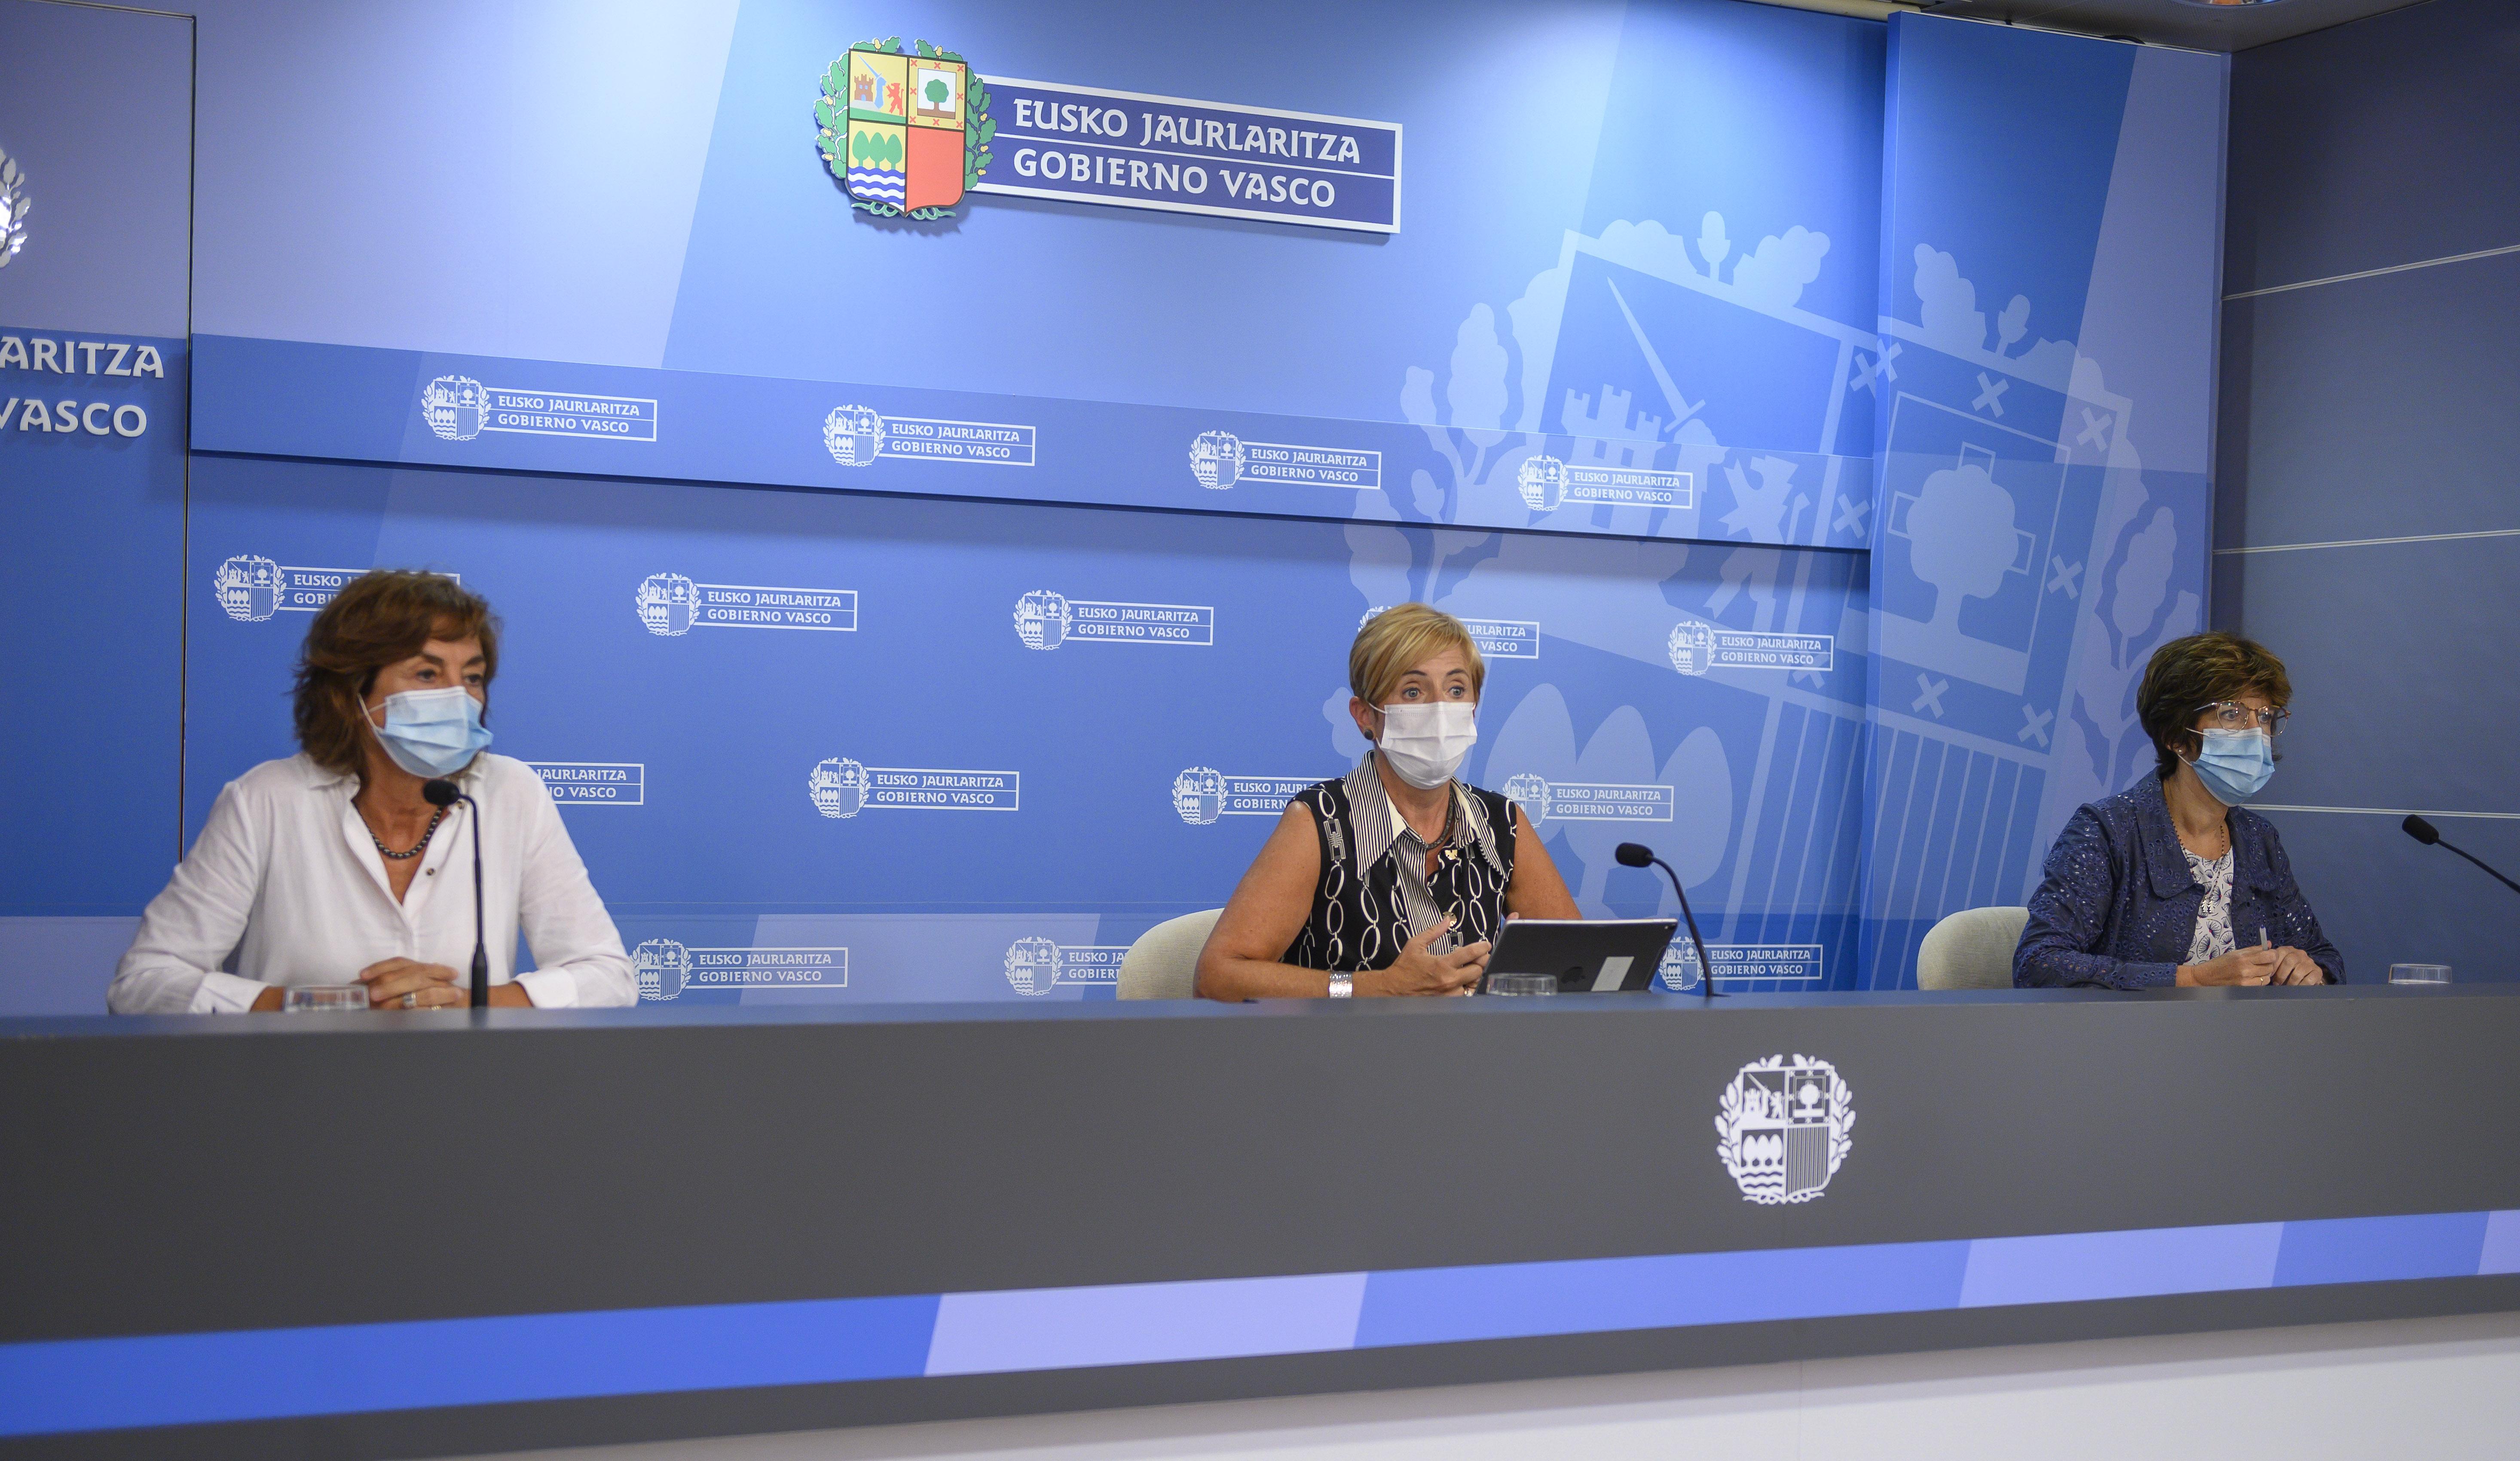 Nuevas medidas del Gobierno Vasco para frenar la expansión de la Covid-19 [0:00]